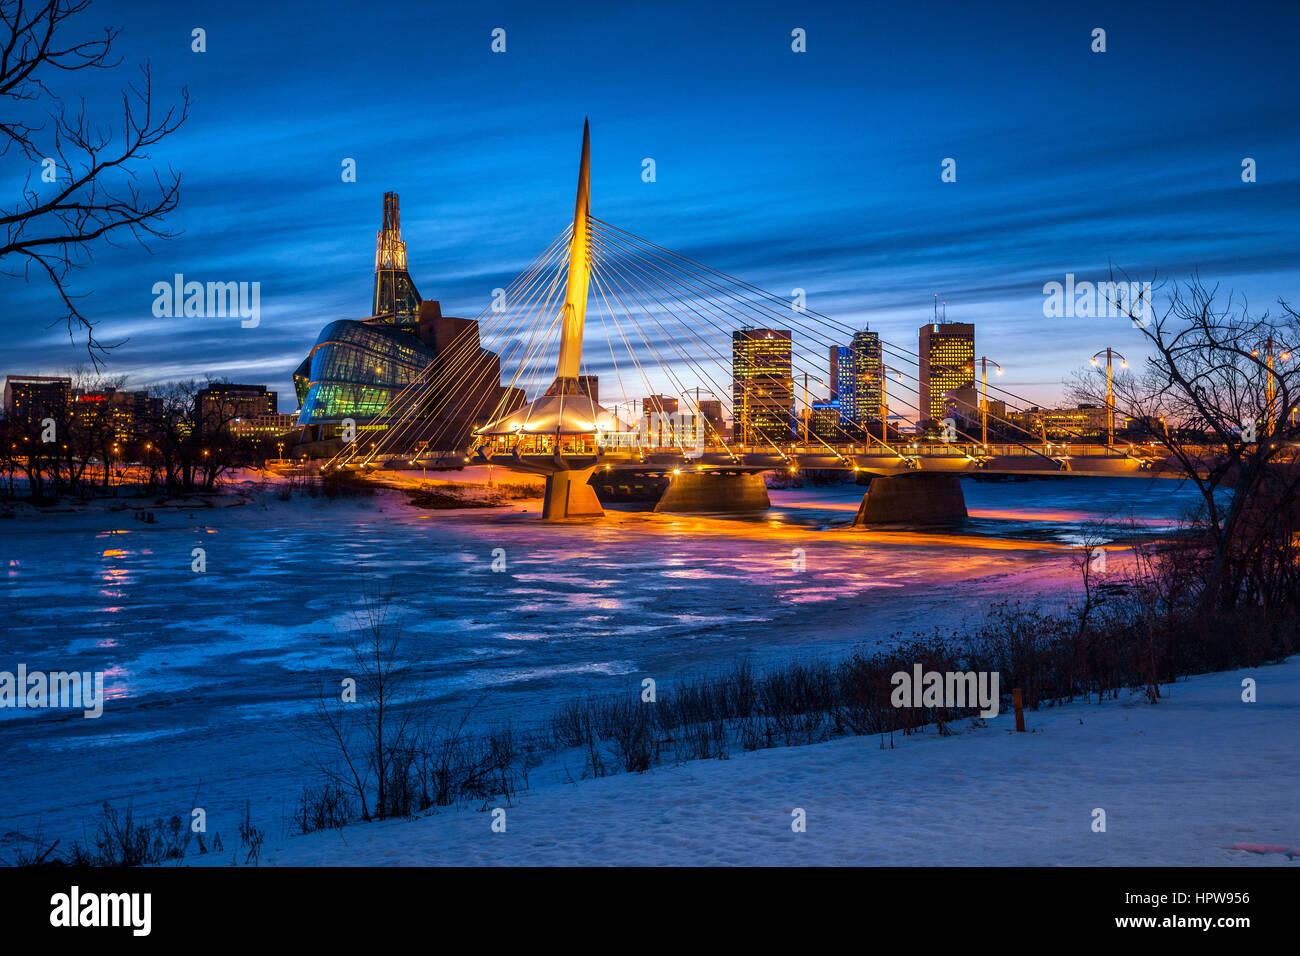 Winnipeg, iluminada Provencher Puente sobre el río rojo congelado en la noche. Foto de stock